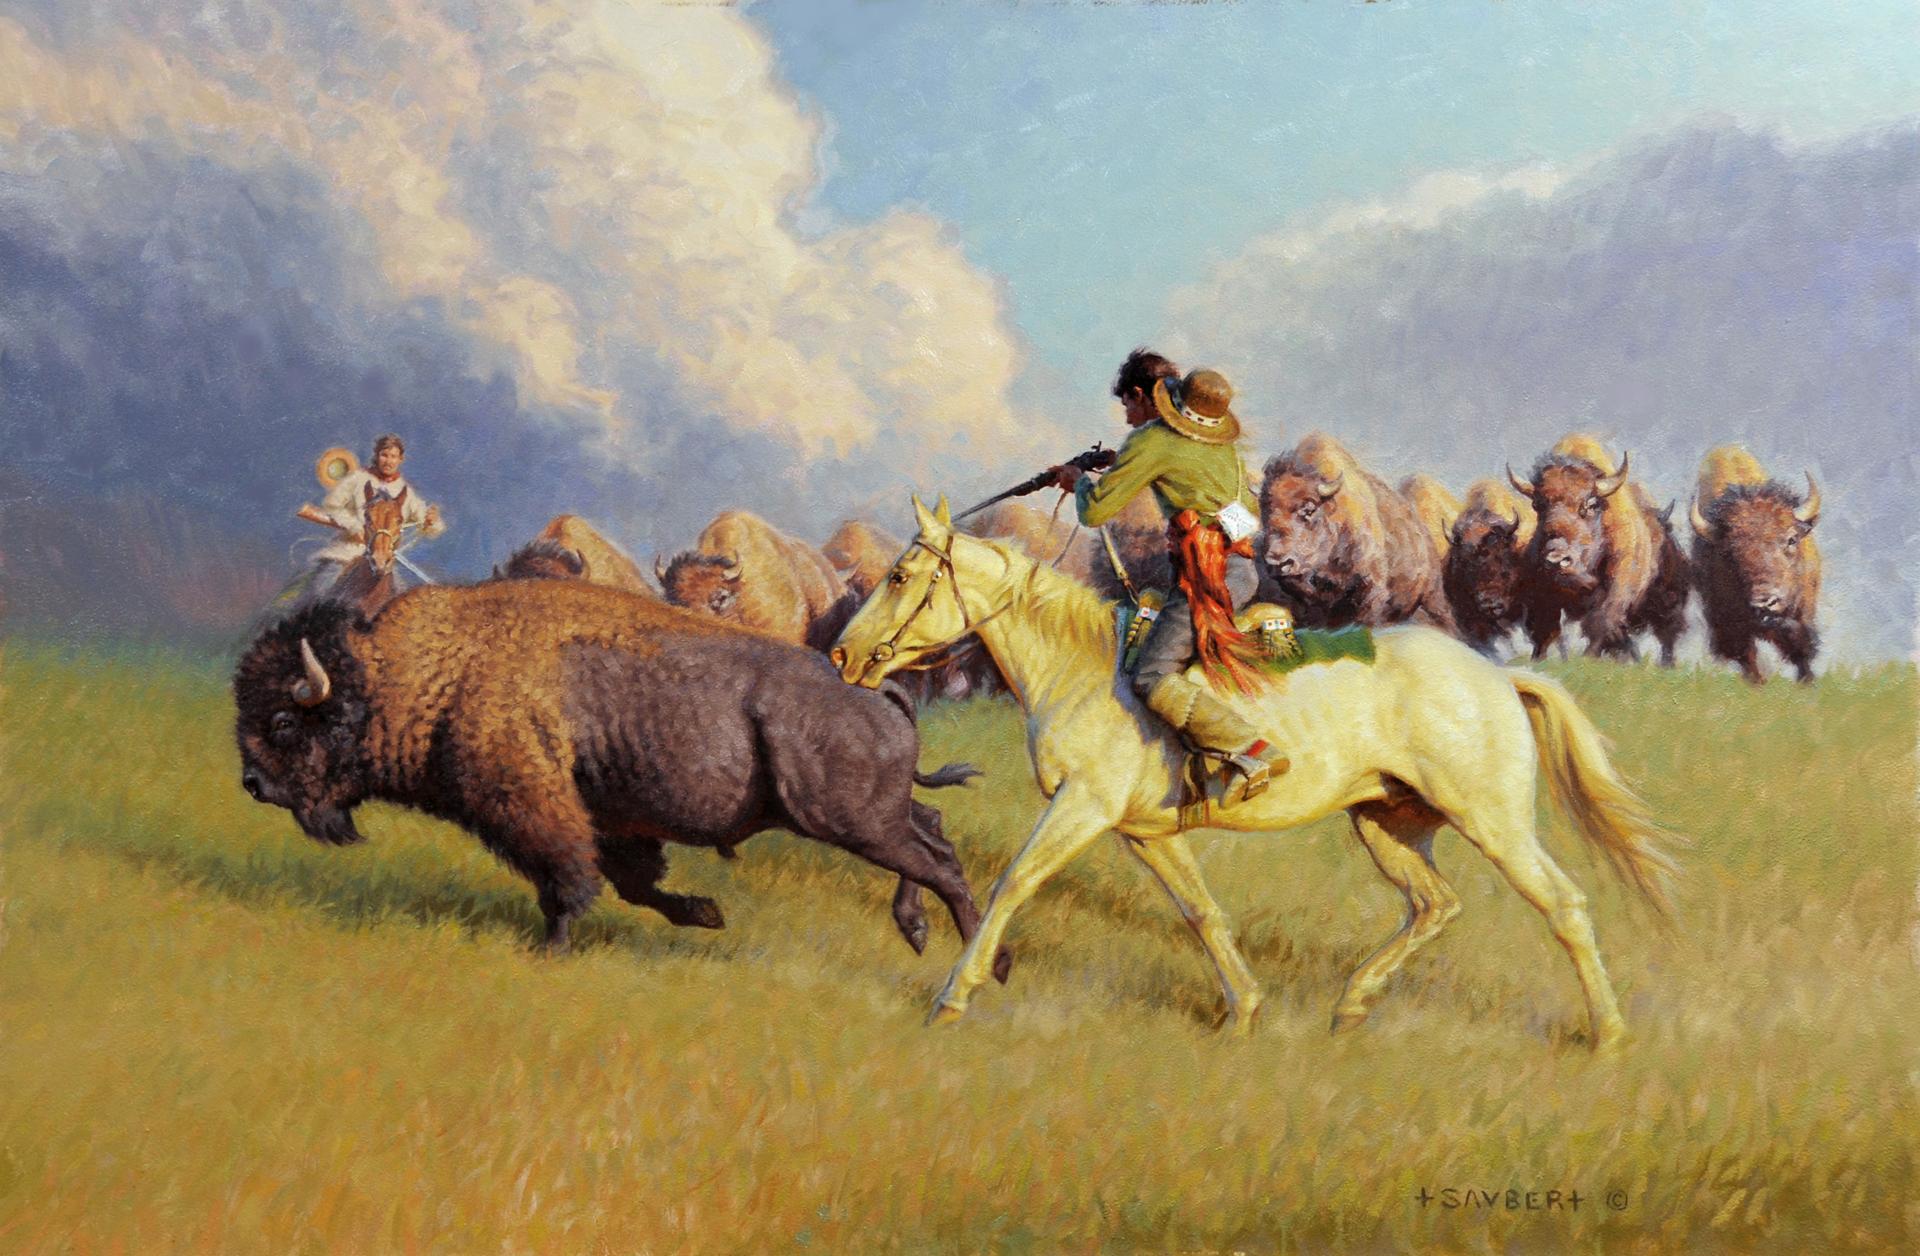 Metis Hide Hunters by Tom Saubert